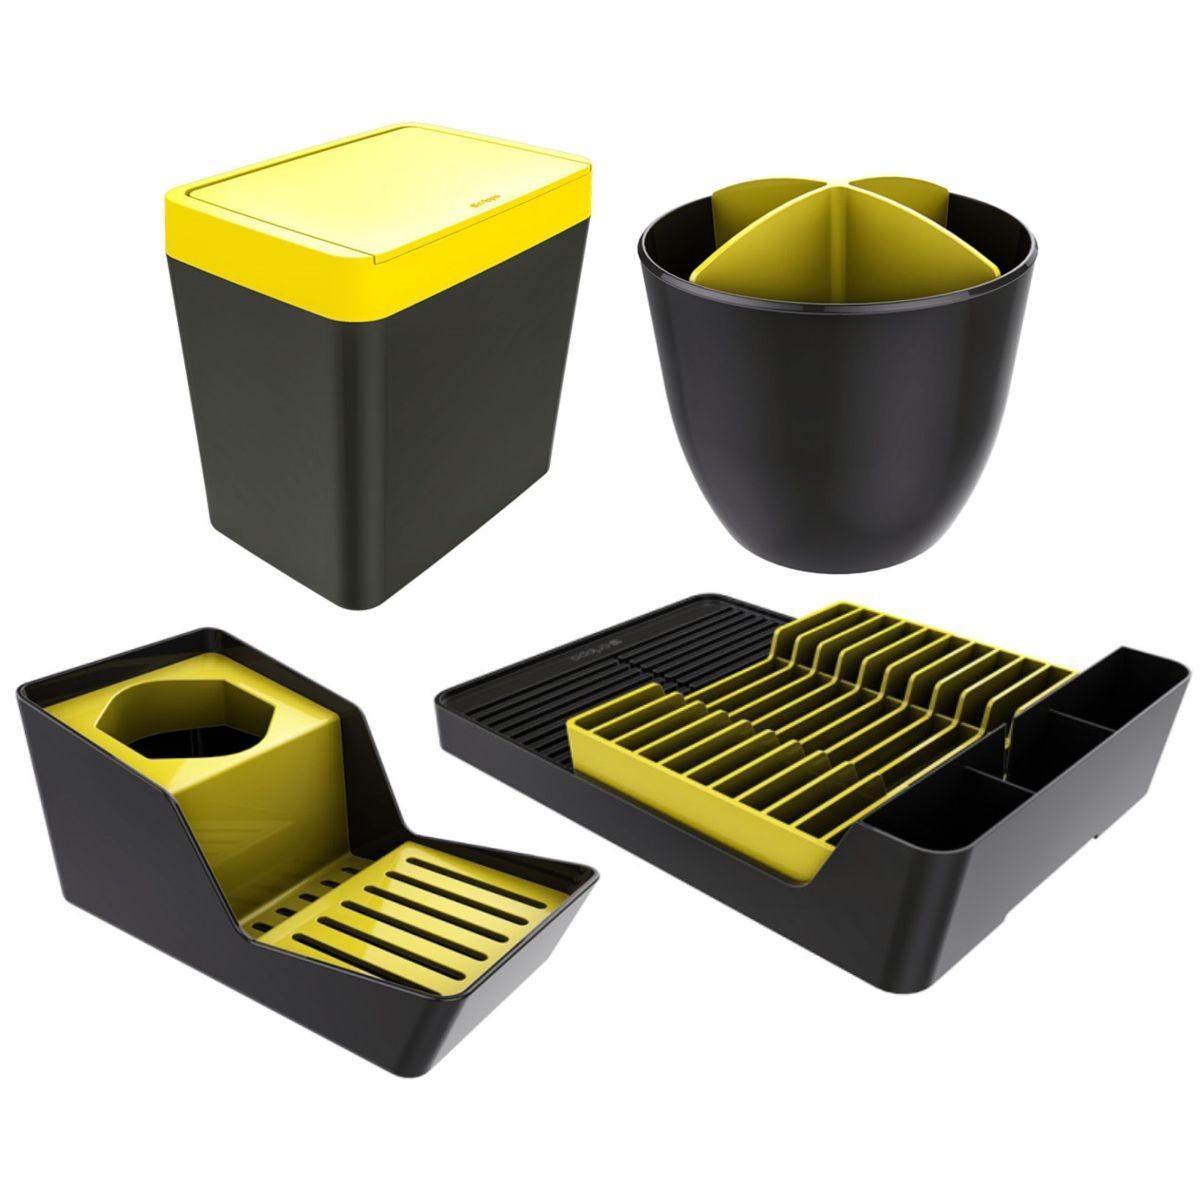 Kit Acessórios de Cozinha 4 Peças Organizadores Pia - Cores